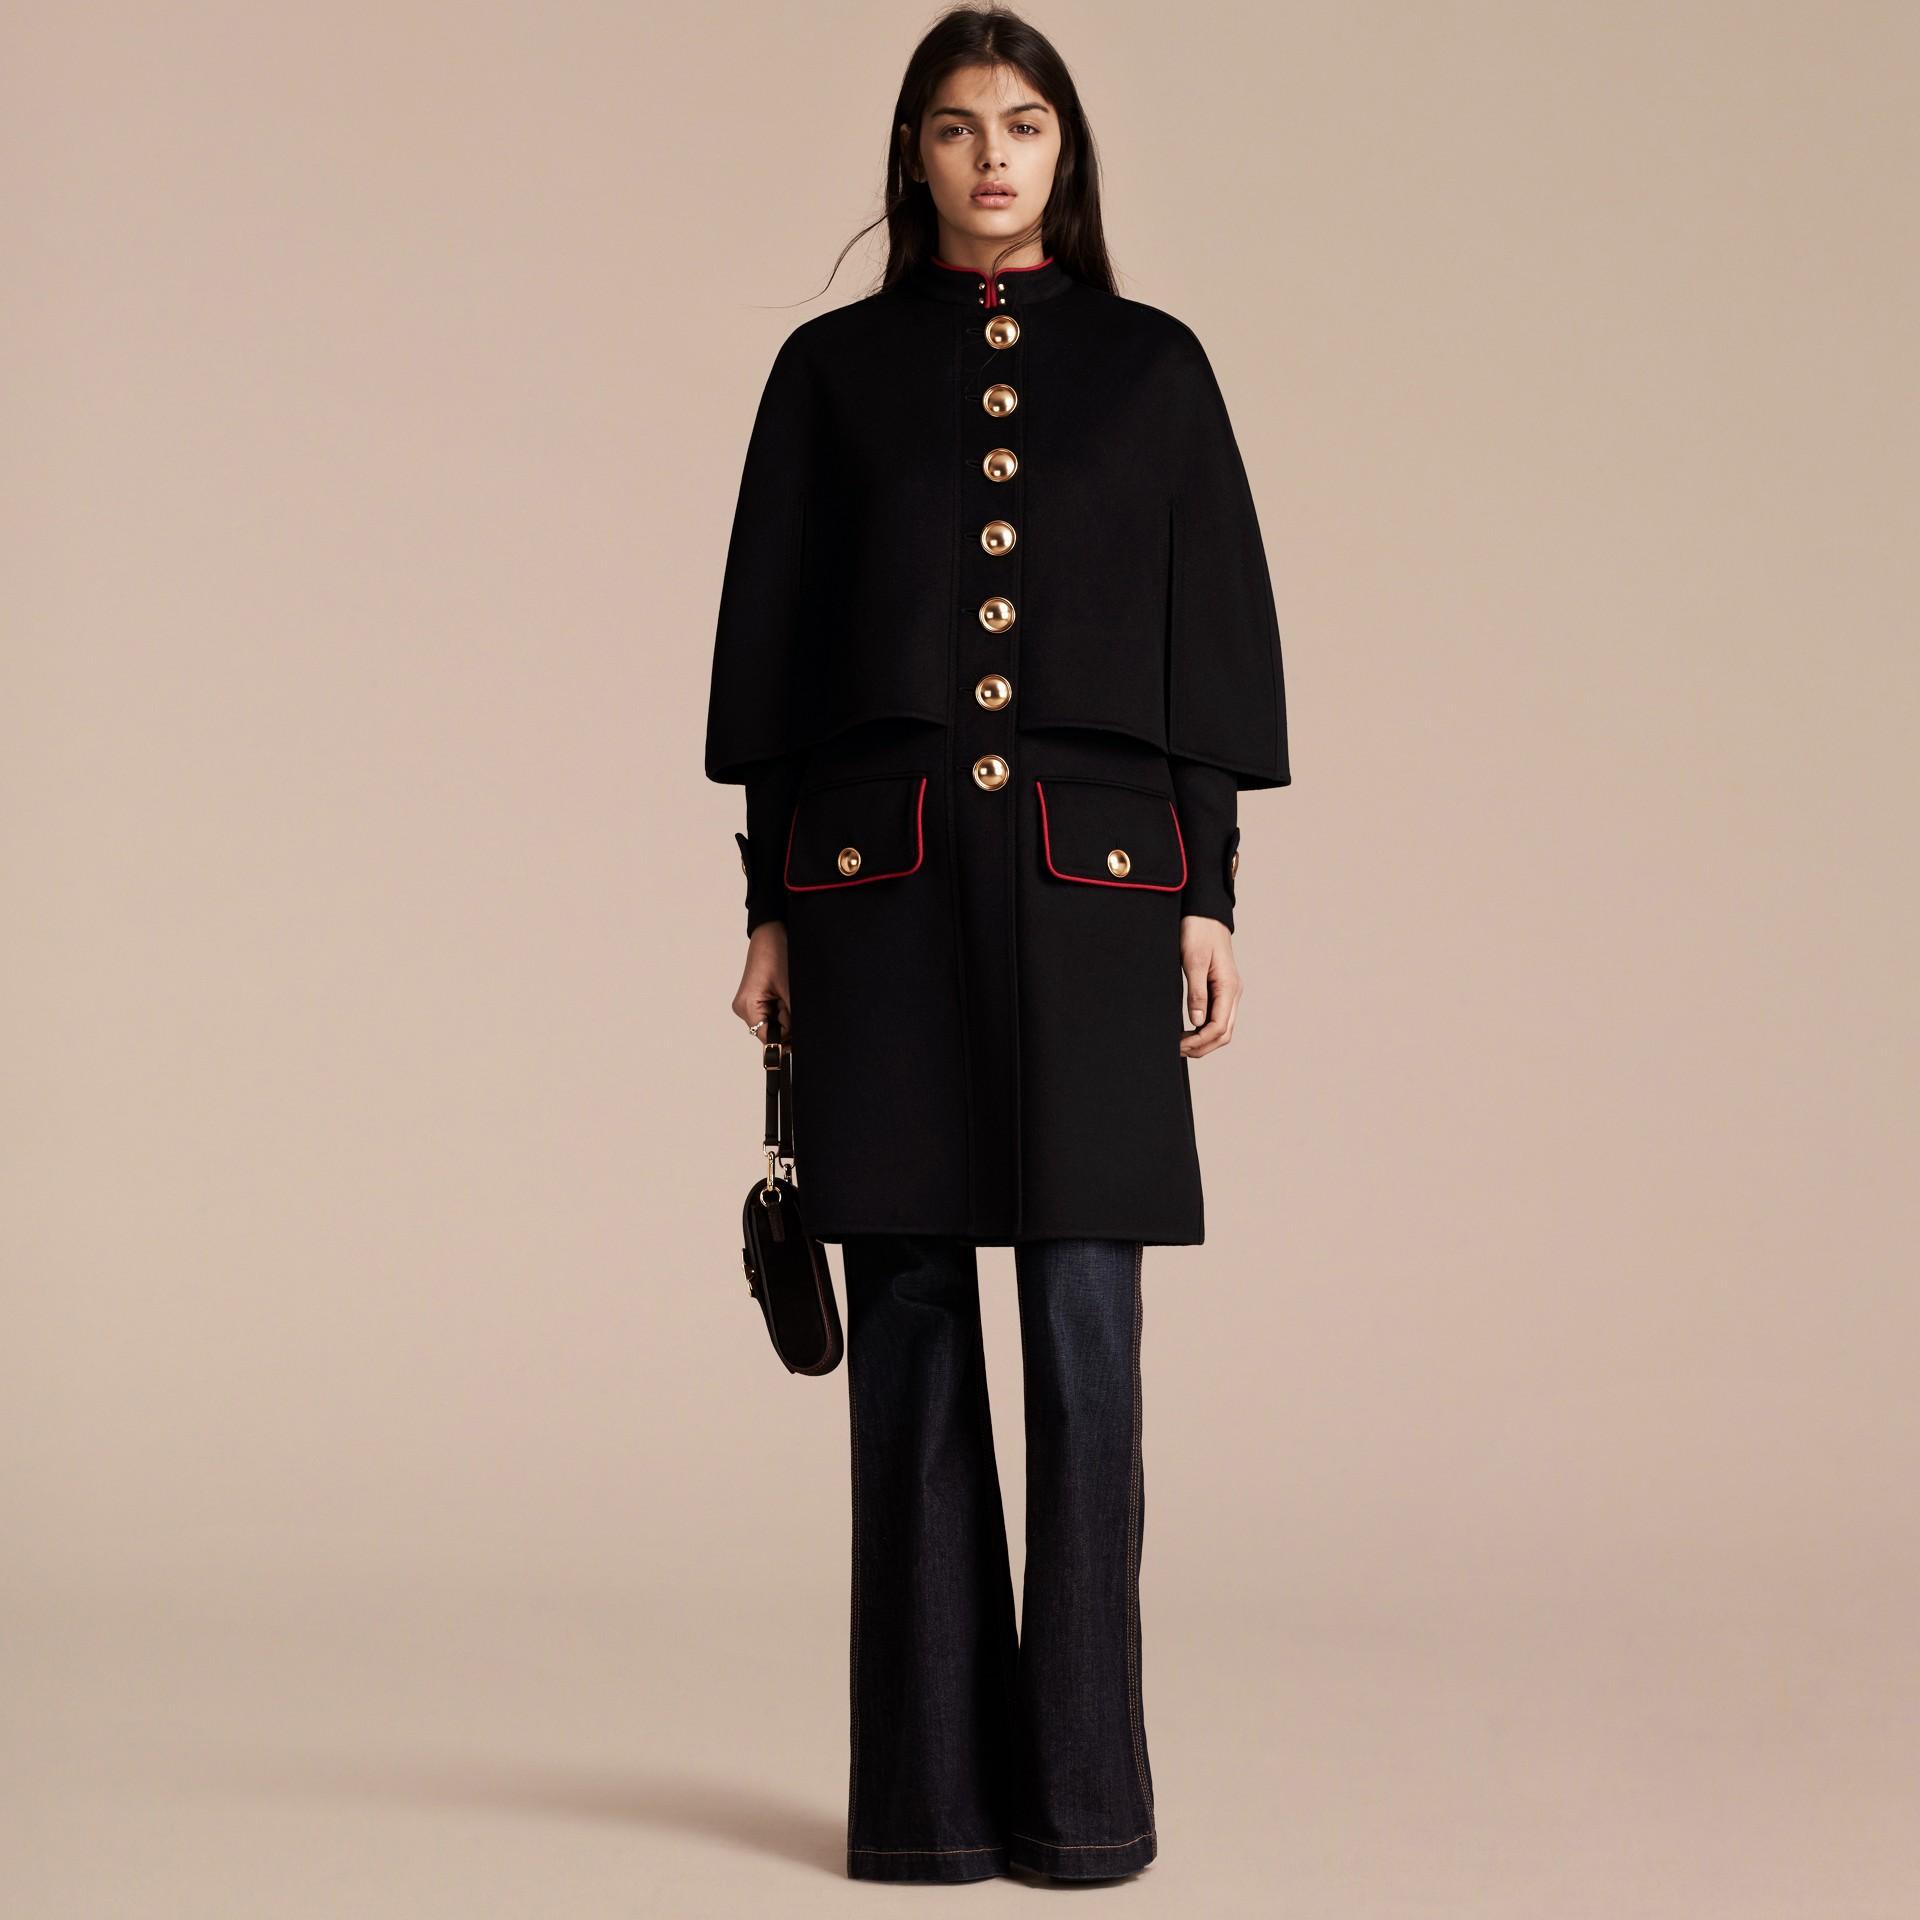 Черный Пальто с пелериной из кашемира в стиле милитари - изображение 7